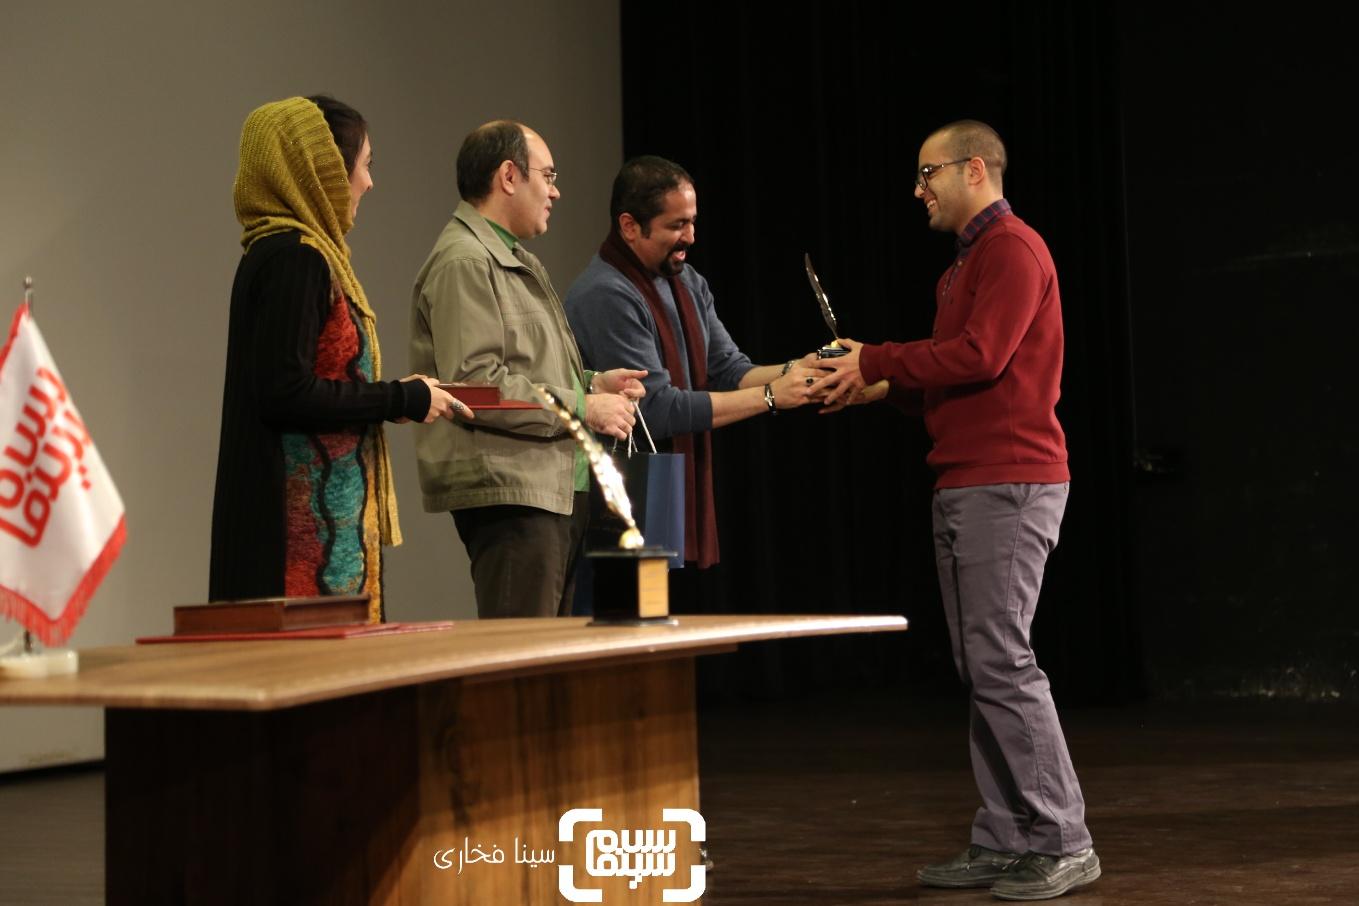 اولین جشنواره آنلاین نقد فیلم «مشق شب» امین پاک پرور